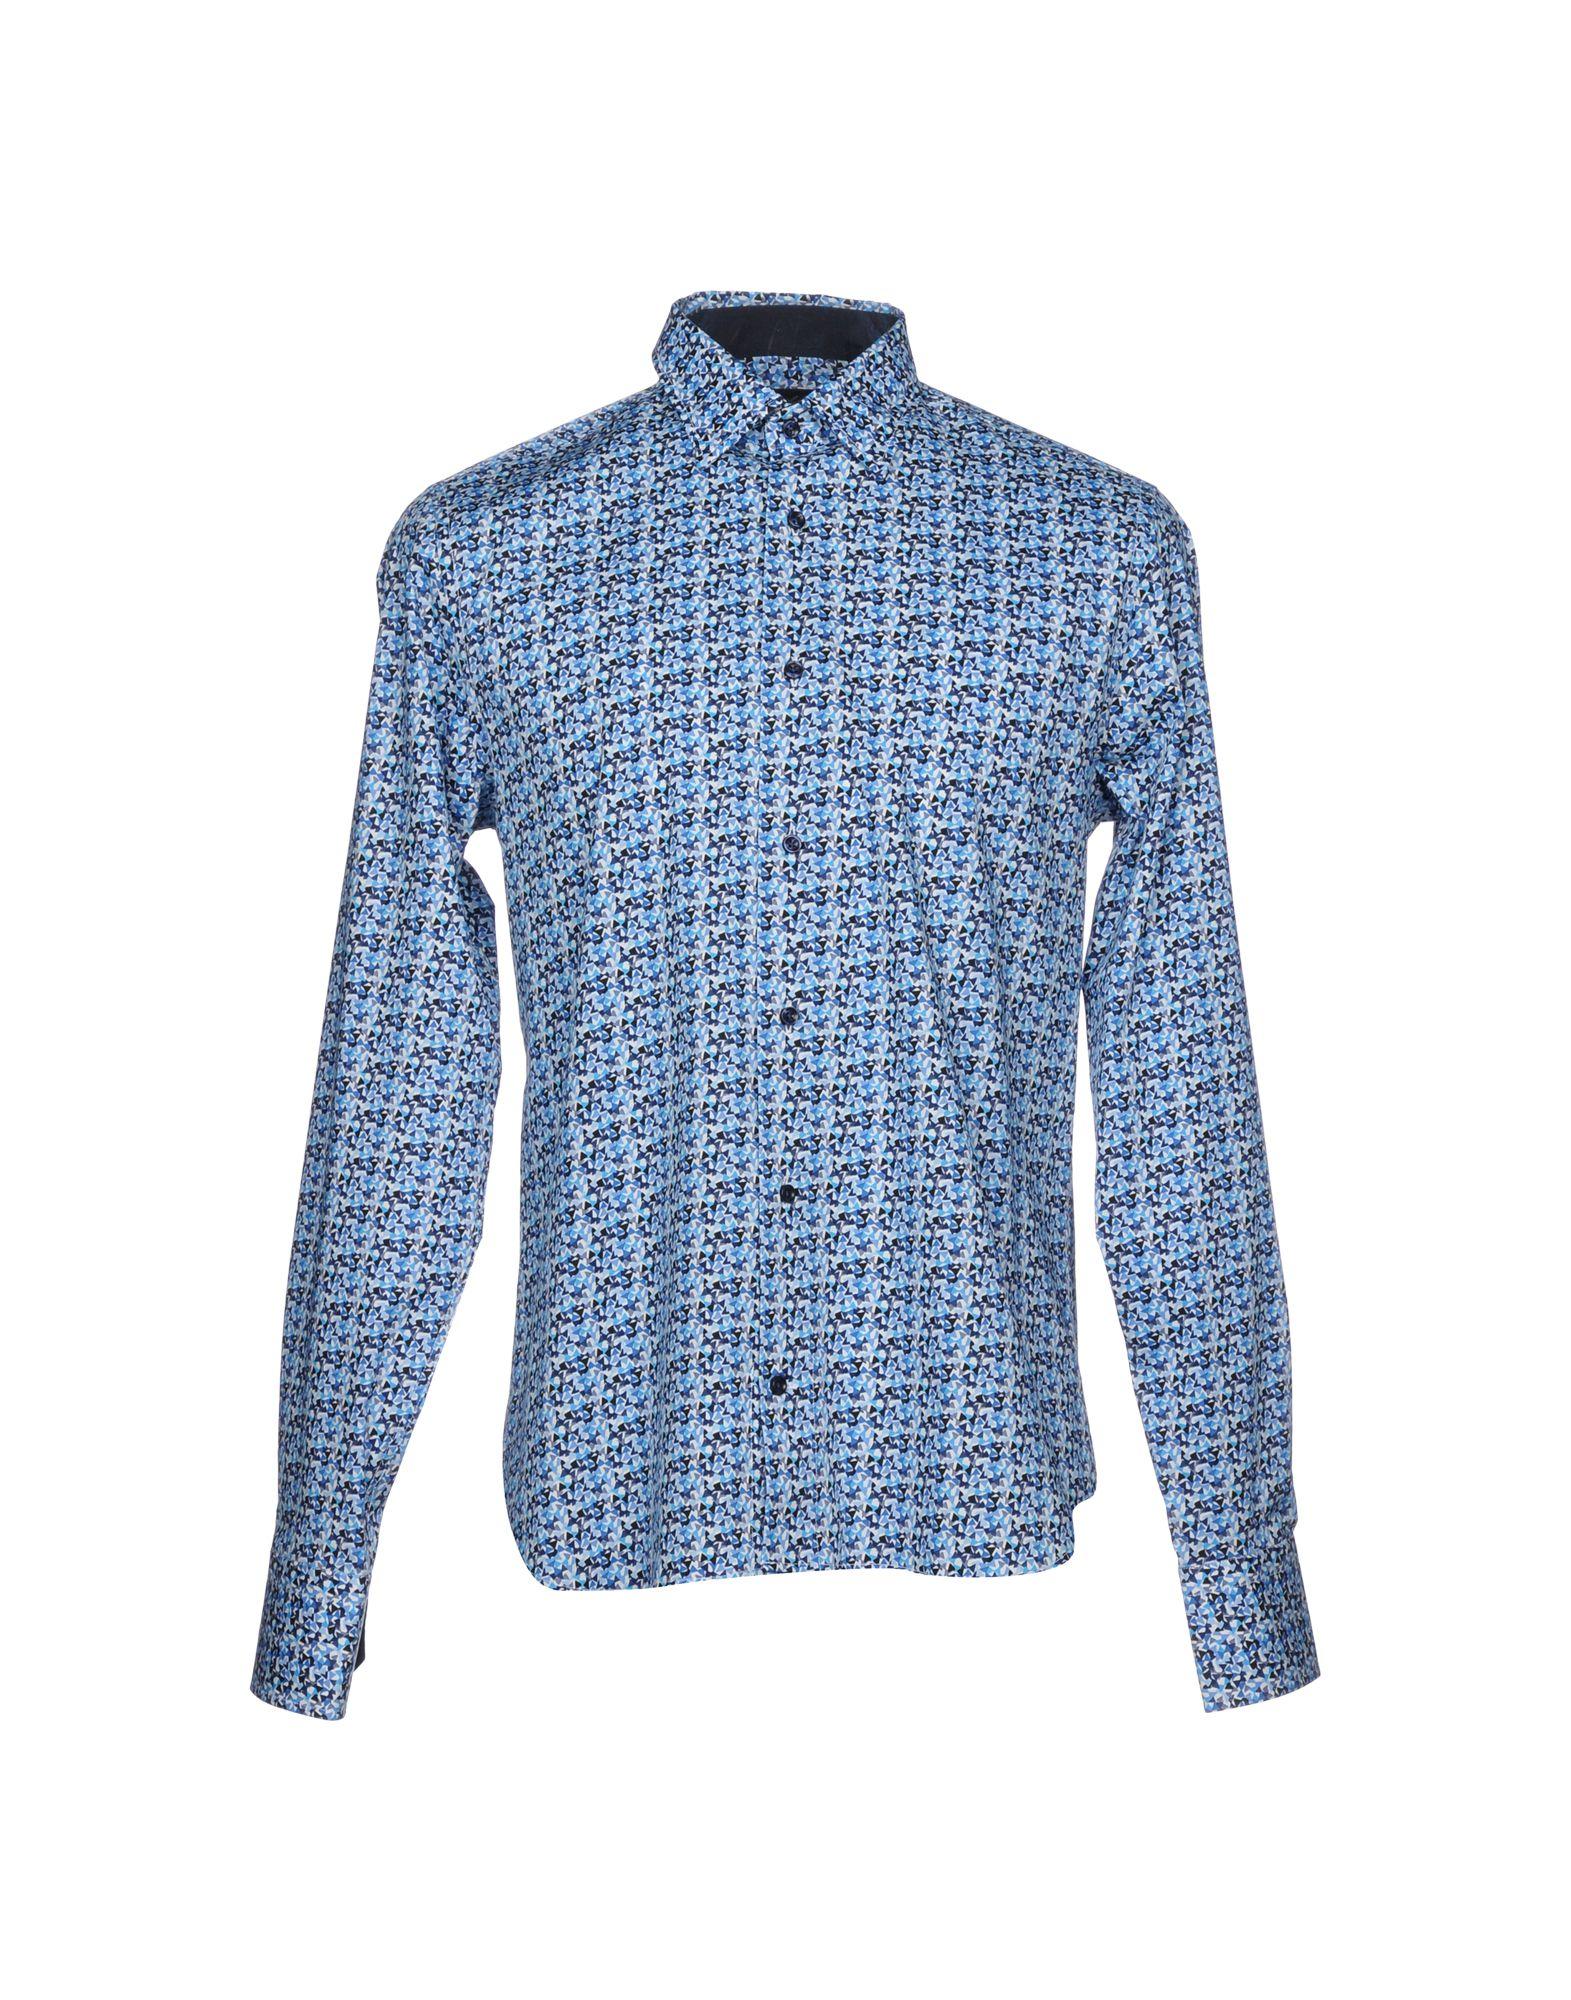 《セール開催中》ANTICA SARTORIA AMBROSIANA メンズ シャツ アジュールブルー 39 コットン 97% / ポリウレタン 3%